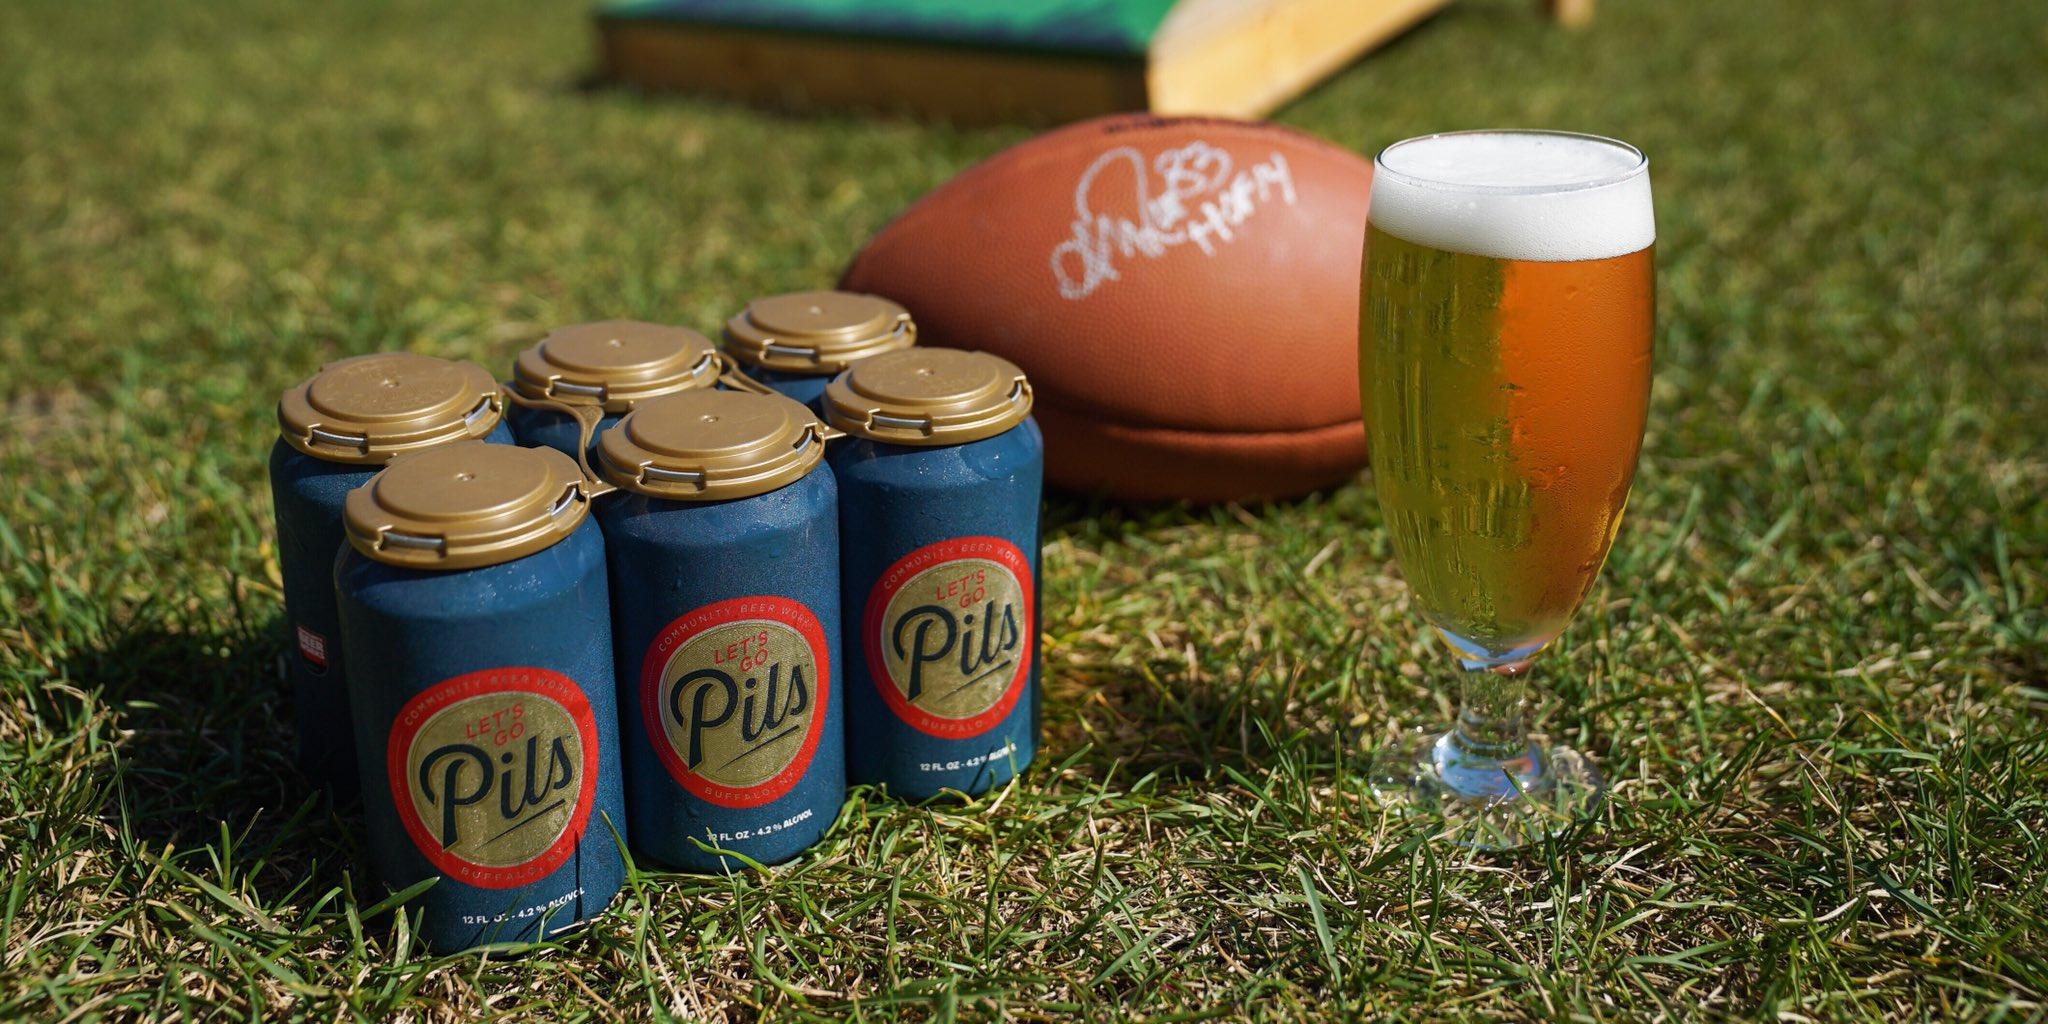 community beer works-lets go pils